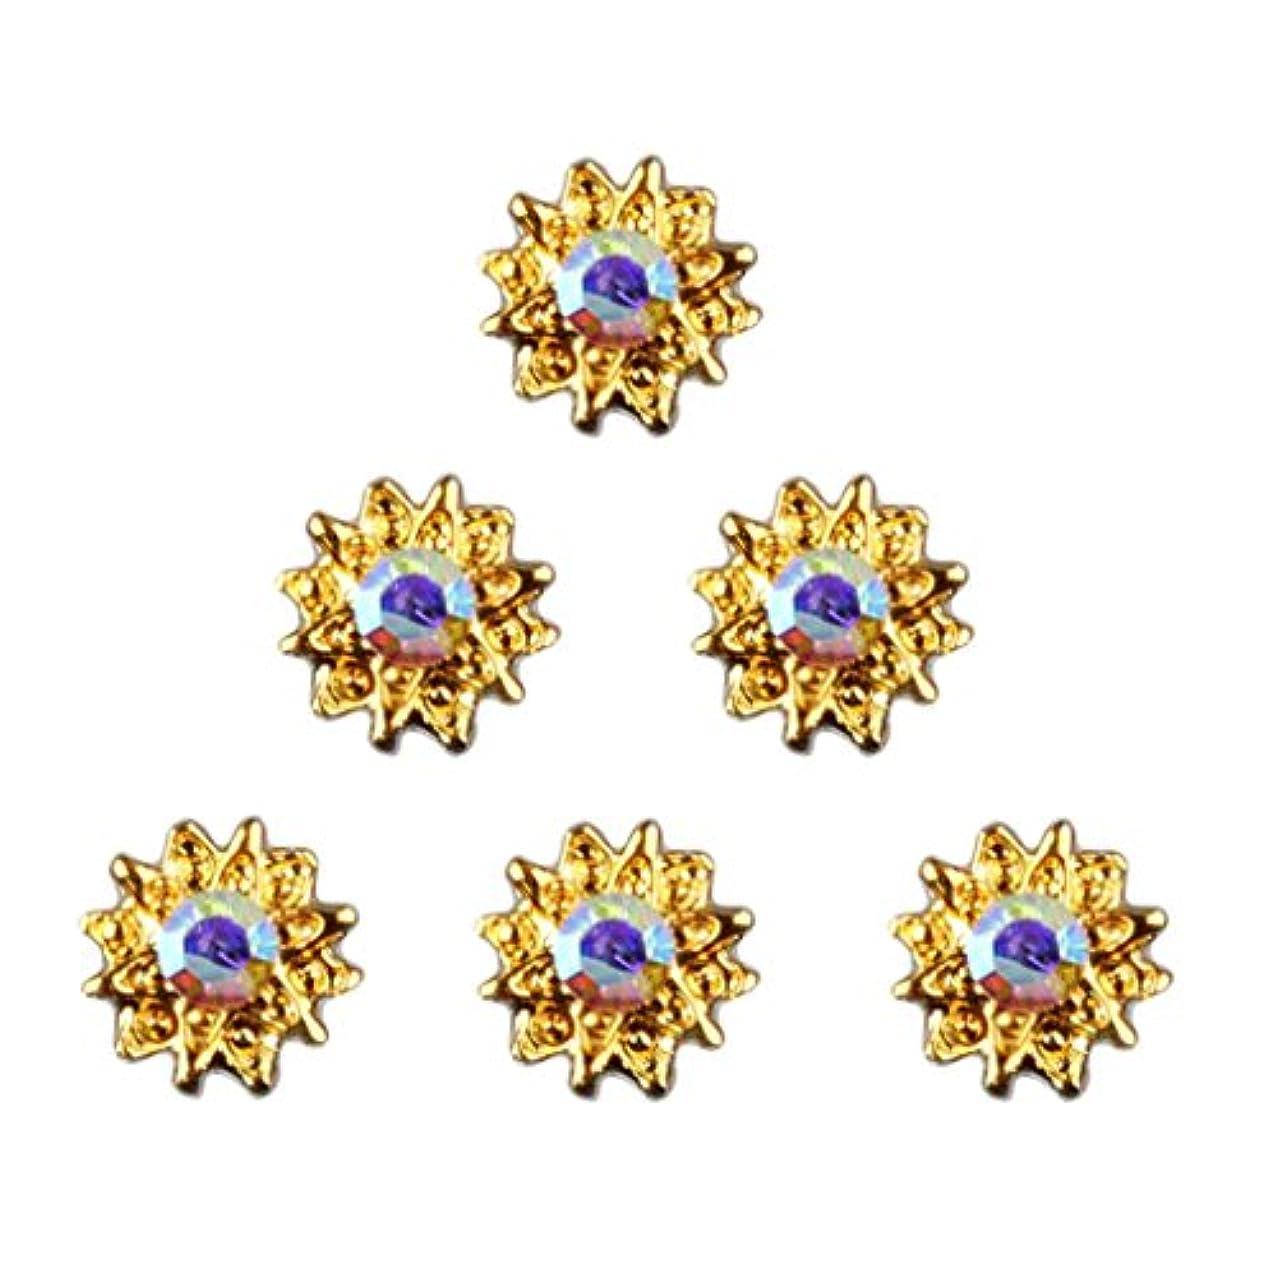 パースブラックボロウ資本主義加害者Baosity ネイル ネイルデザイン ダイヤモンド 約50個 3Dネイルアート ヒントステッカー デコレーション おしゃれ 全8タイプ選べ - 5